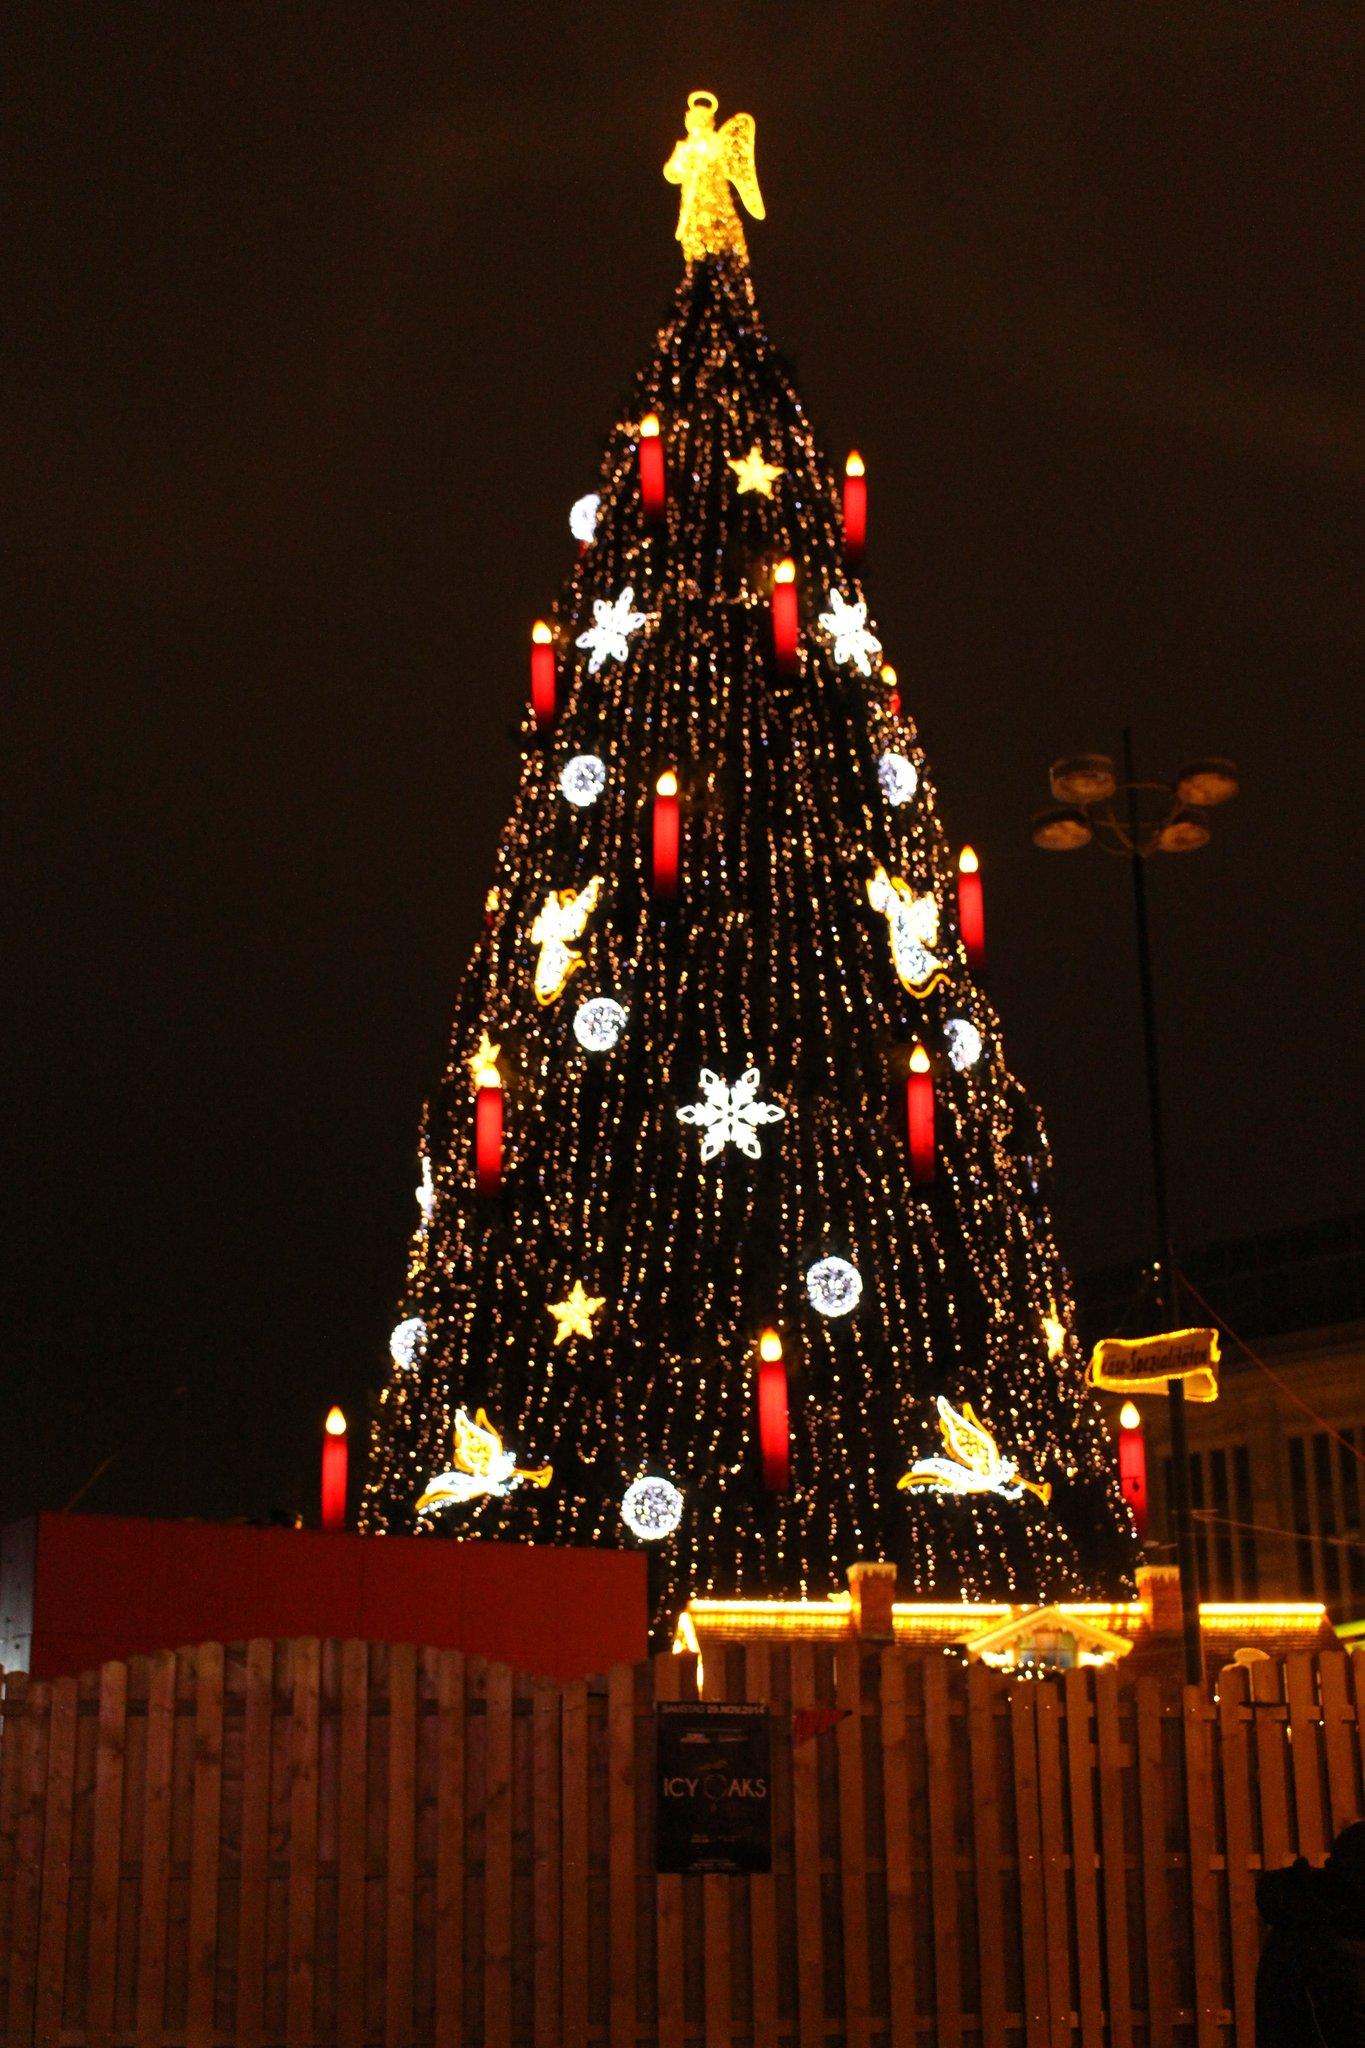 Dortmund Weihnachtsbaum.Der Grösste Weihnachtsbaum Der Welt Steht In Dortmund Unna